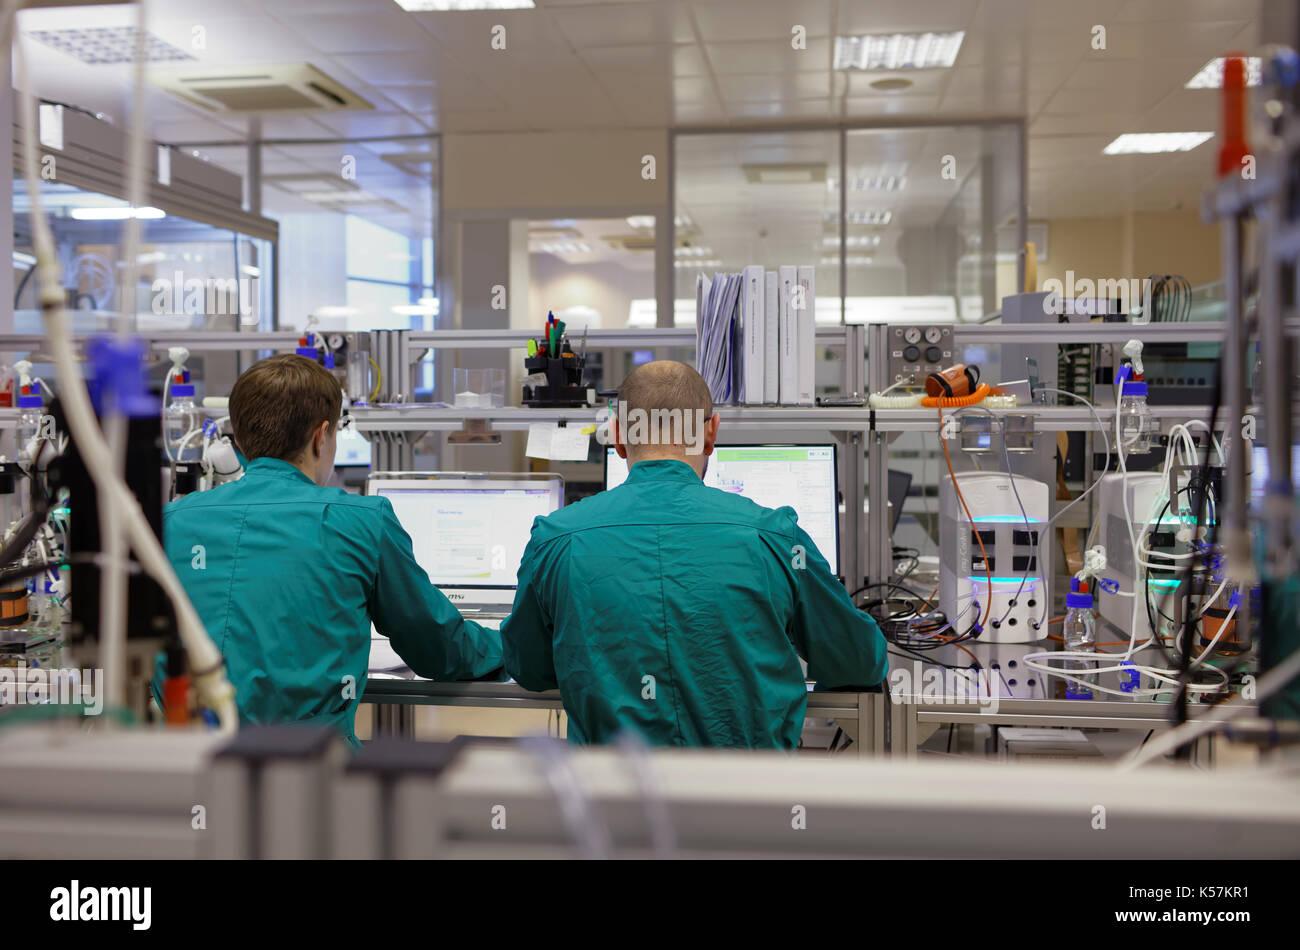 San Petersburgo, Rusia - Noviembre 16, 2016: Investigadores trabajan en el laboratorio de biotecnología de alto rendimiento de biocad. es uno de los países del mundo fe Imagen De Stock